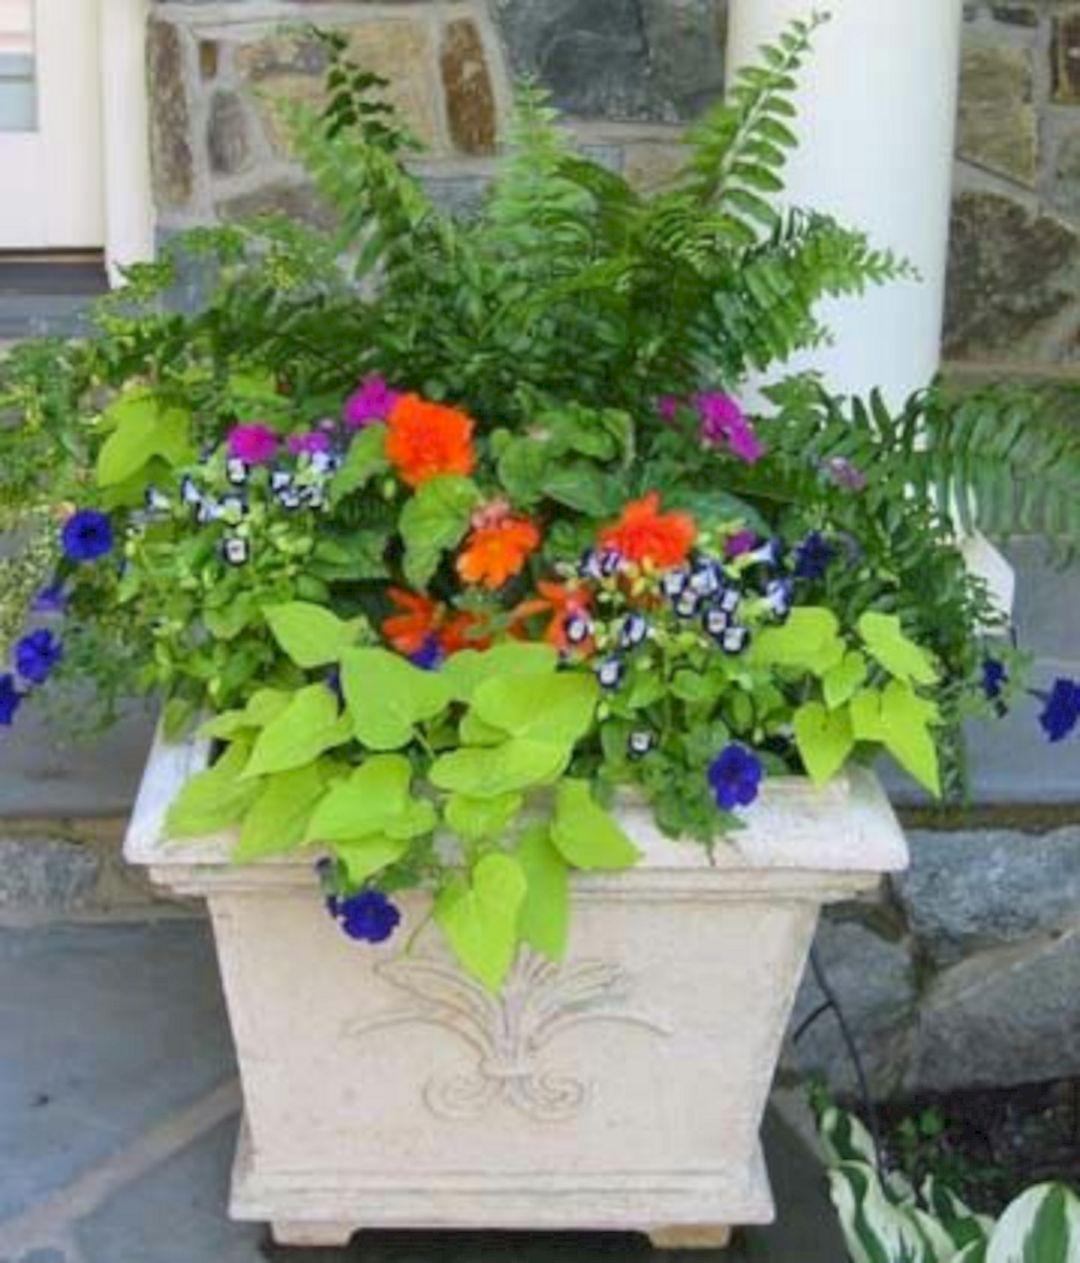 Best Best Container Gardening Design Flowers Ideas 25 Beautiful Container Gardening Picture Htt Container Garden Design Container Flowers Container Gardening